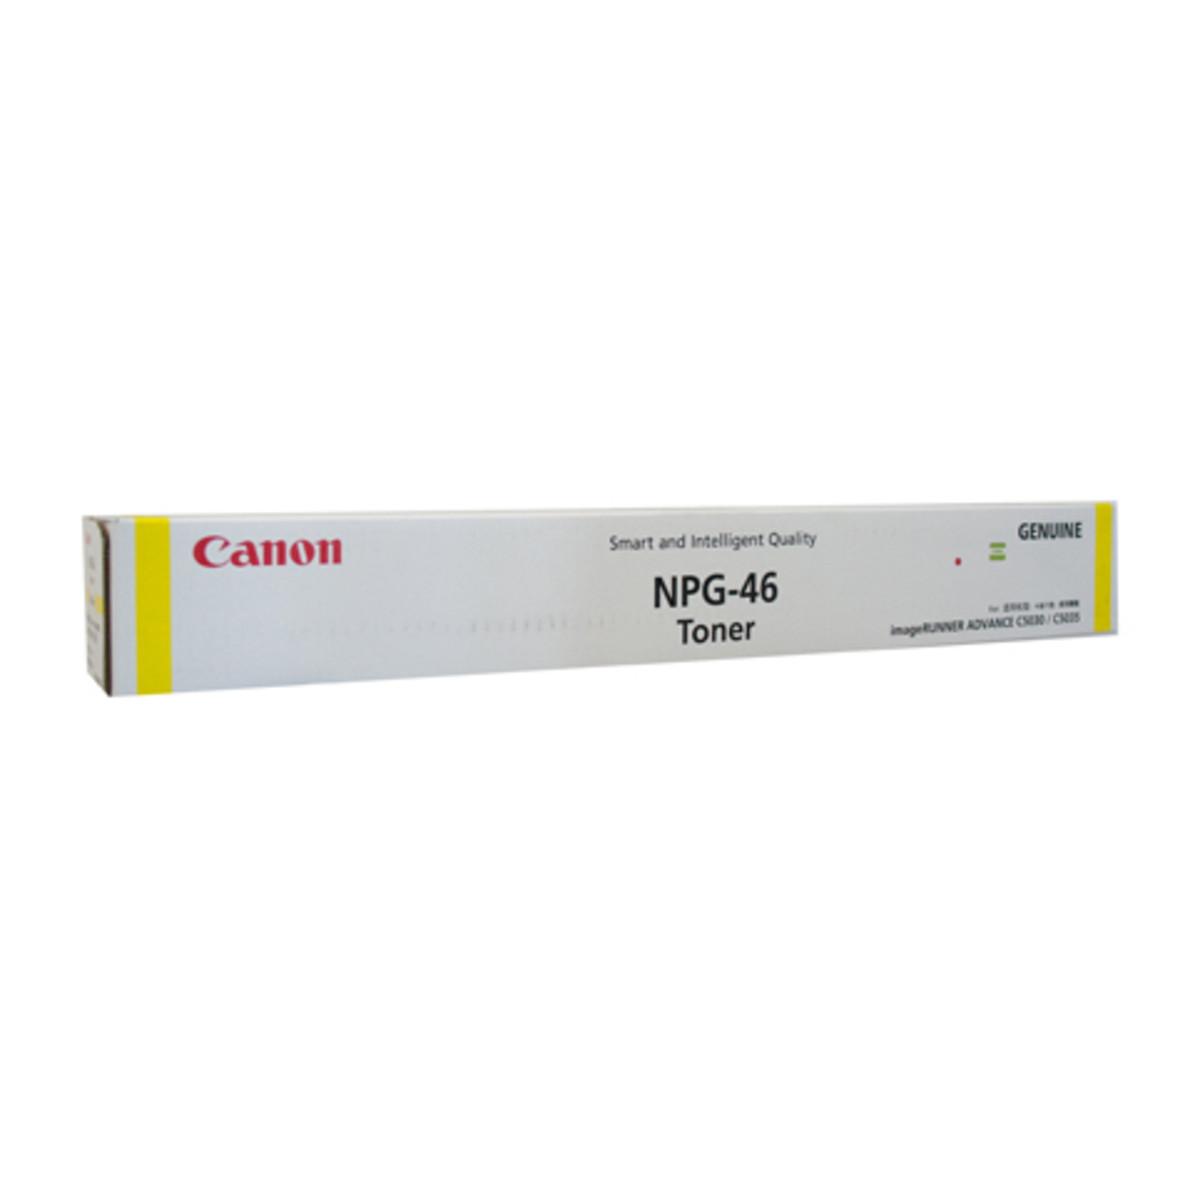 Canon NGP-46 Yellow Toner Cartridge